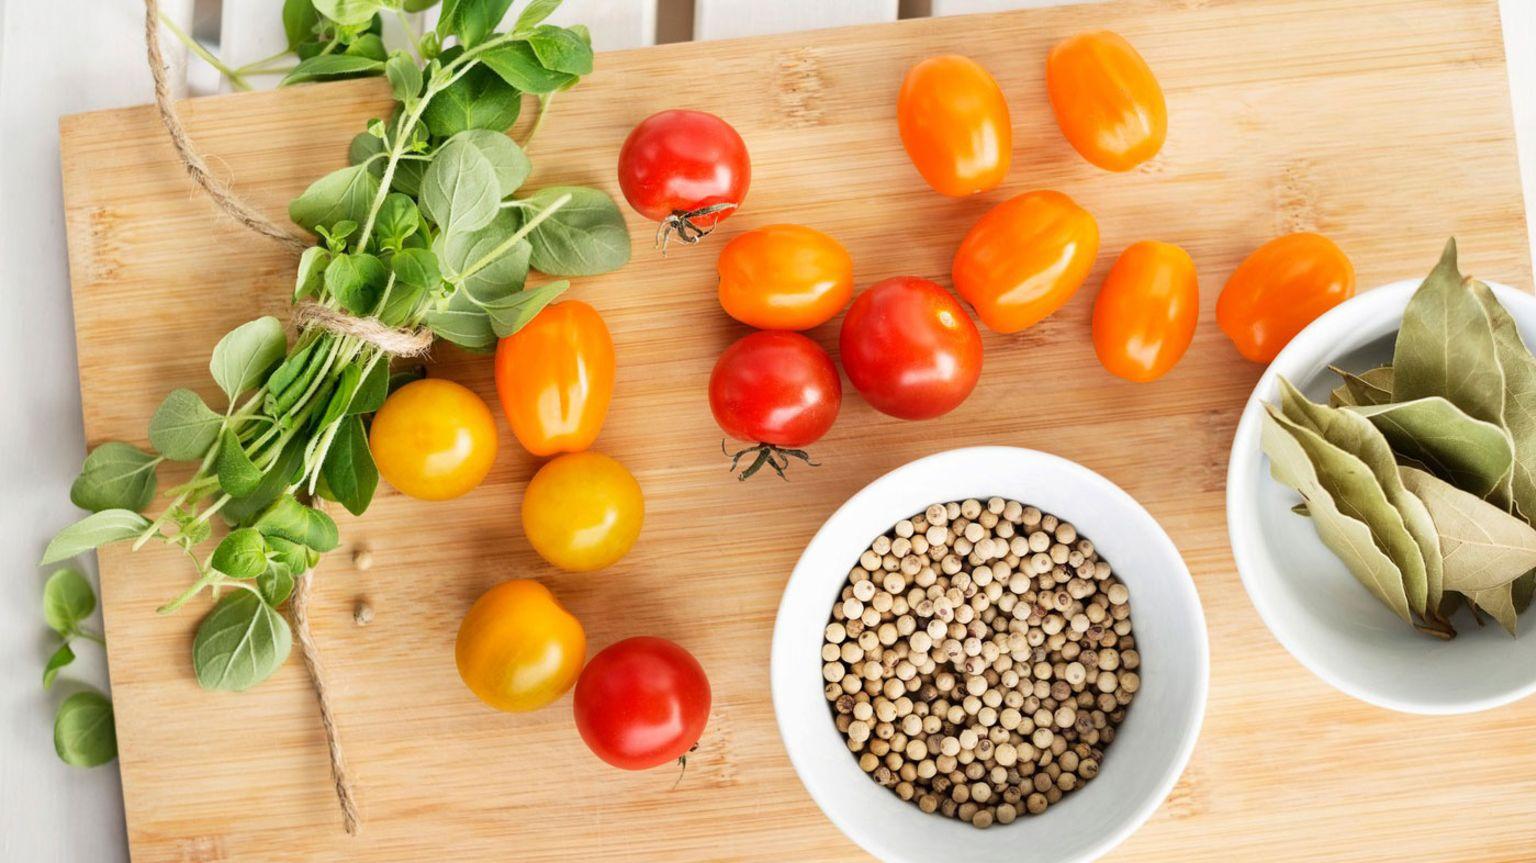 Tomater, färska kryddor och två skålar som är fyllda med lagerblad och peppar.